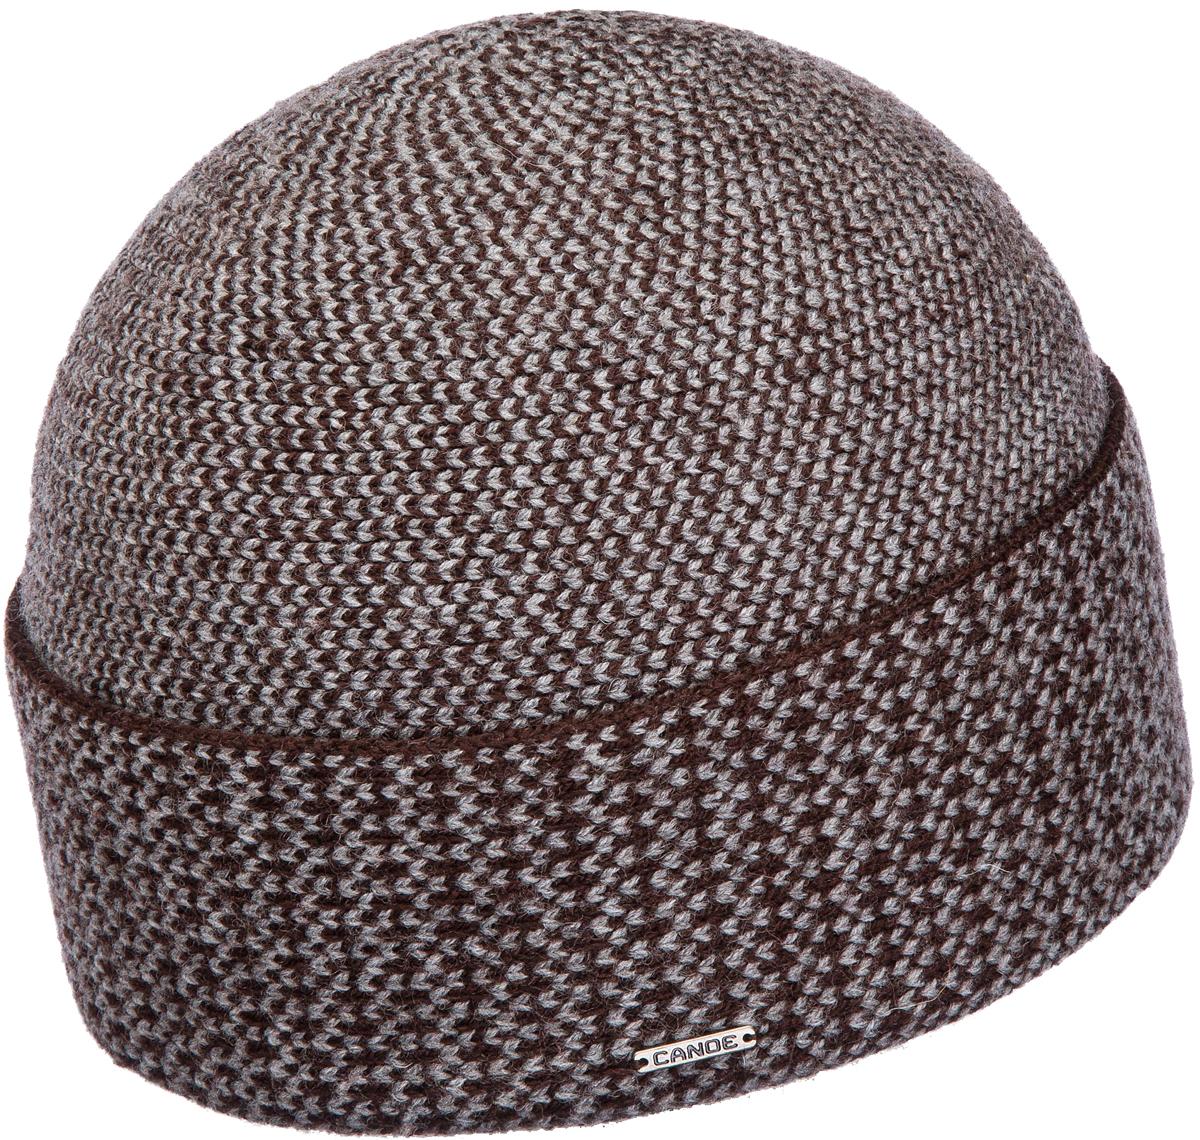 Шапка мужская Canoe Edinburgh, цвет: коричнево-серый. 3441085. Размер 56/593441085Классическая мужская шапка Canoe Edinburgh с широким отворотом отлично дополнит ваш образ в холодную погоду. Сочетание шерсти и акрила максимально сохраняет тепло и обеспечивает удобную посадку, невероятную легкость и мягкость. Визуально пряжа имеет оригинальное, двухцветное переплетение, создающее ощущение объема и глубины. Шапка украшена металлической пластиной с логотипом фирмы. Стильная шапка Canoe Edinburgh подчеркнет ваш неповторимый стиль и индивидуальность.